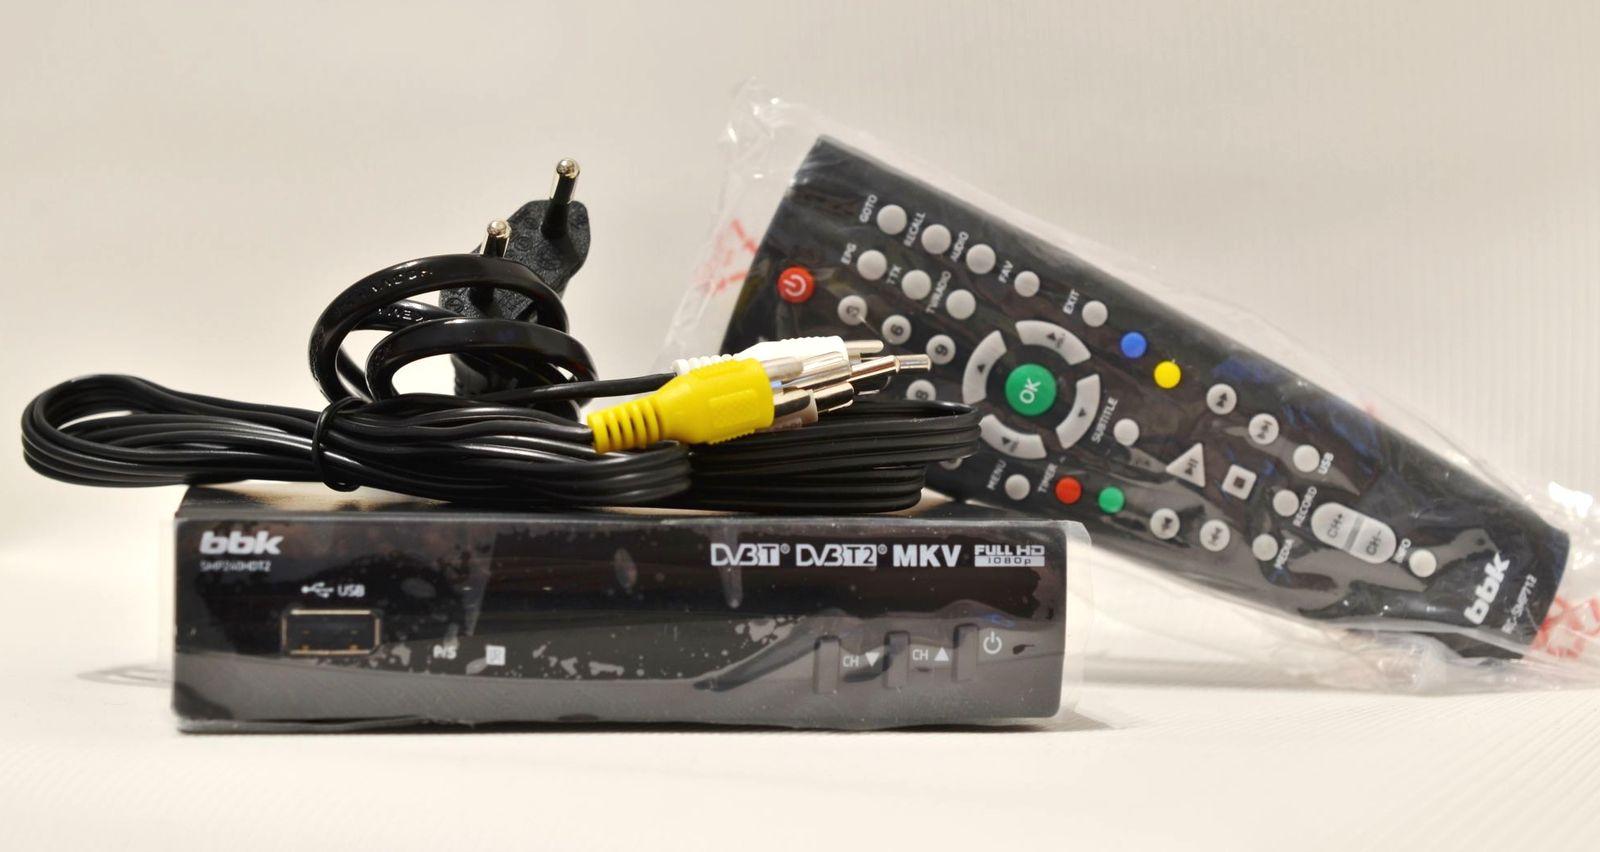 ТВ-тюнер BBK SMP240HDT2 комплектность